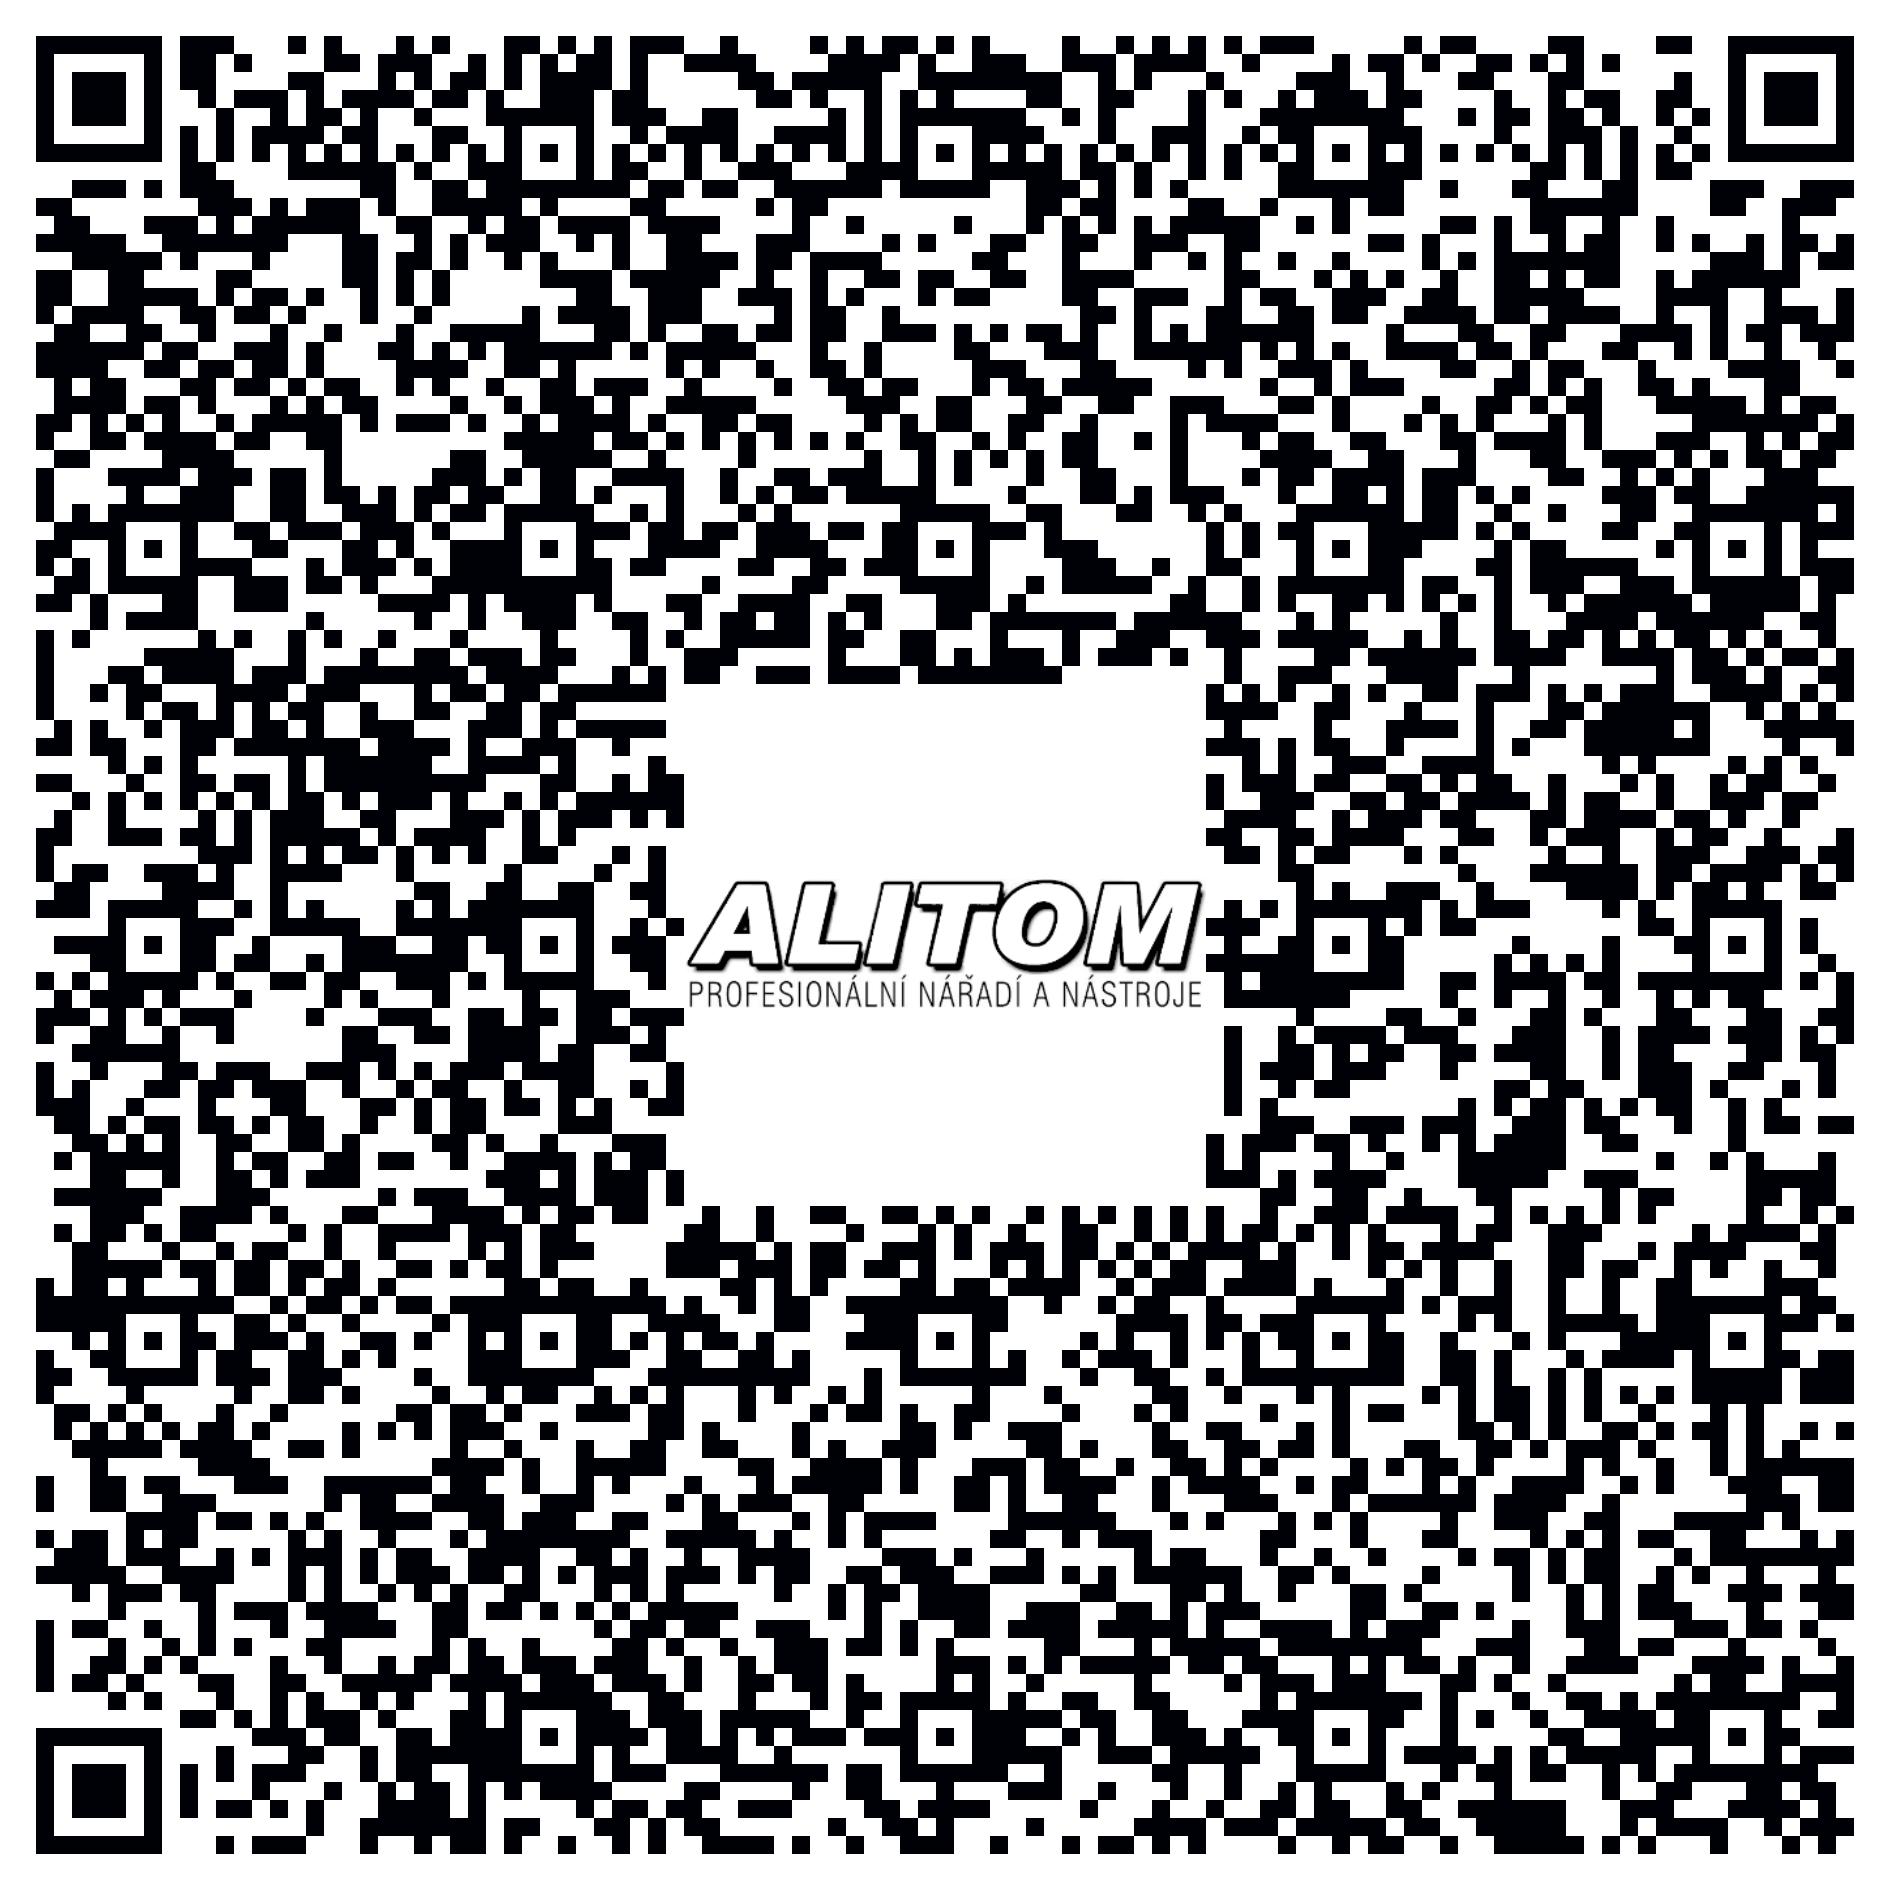 ea2578860277e2c4de2298bfe2b6be73